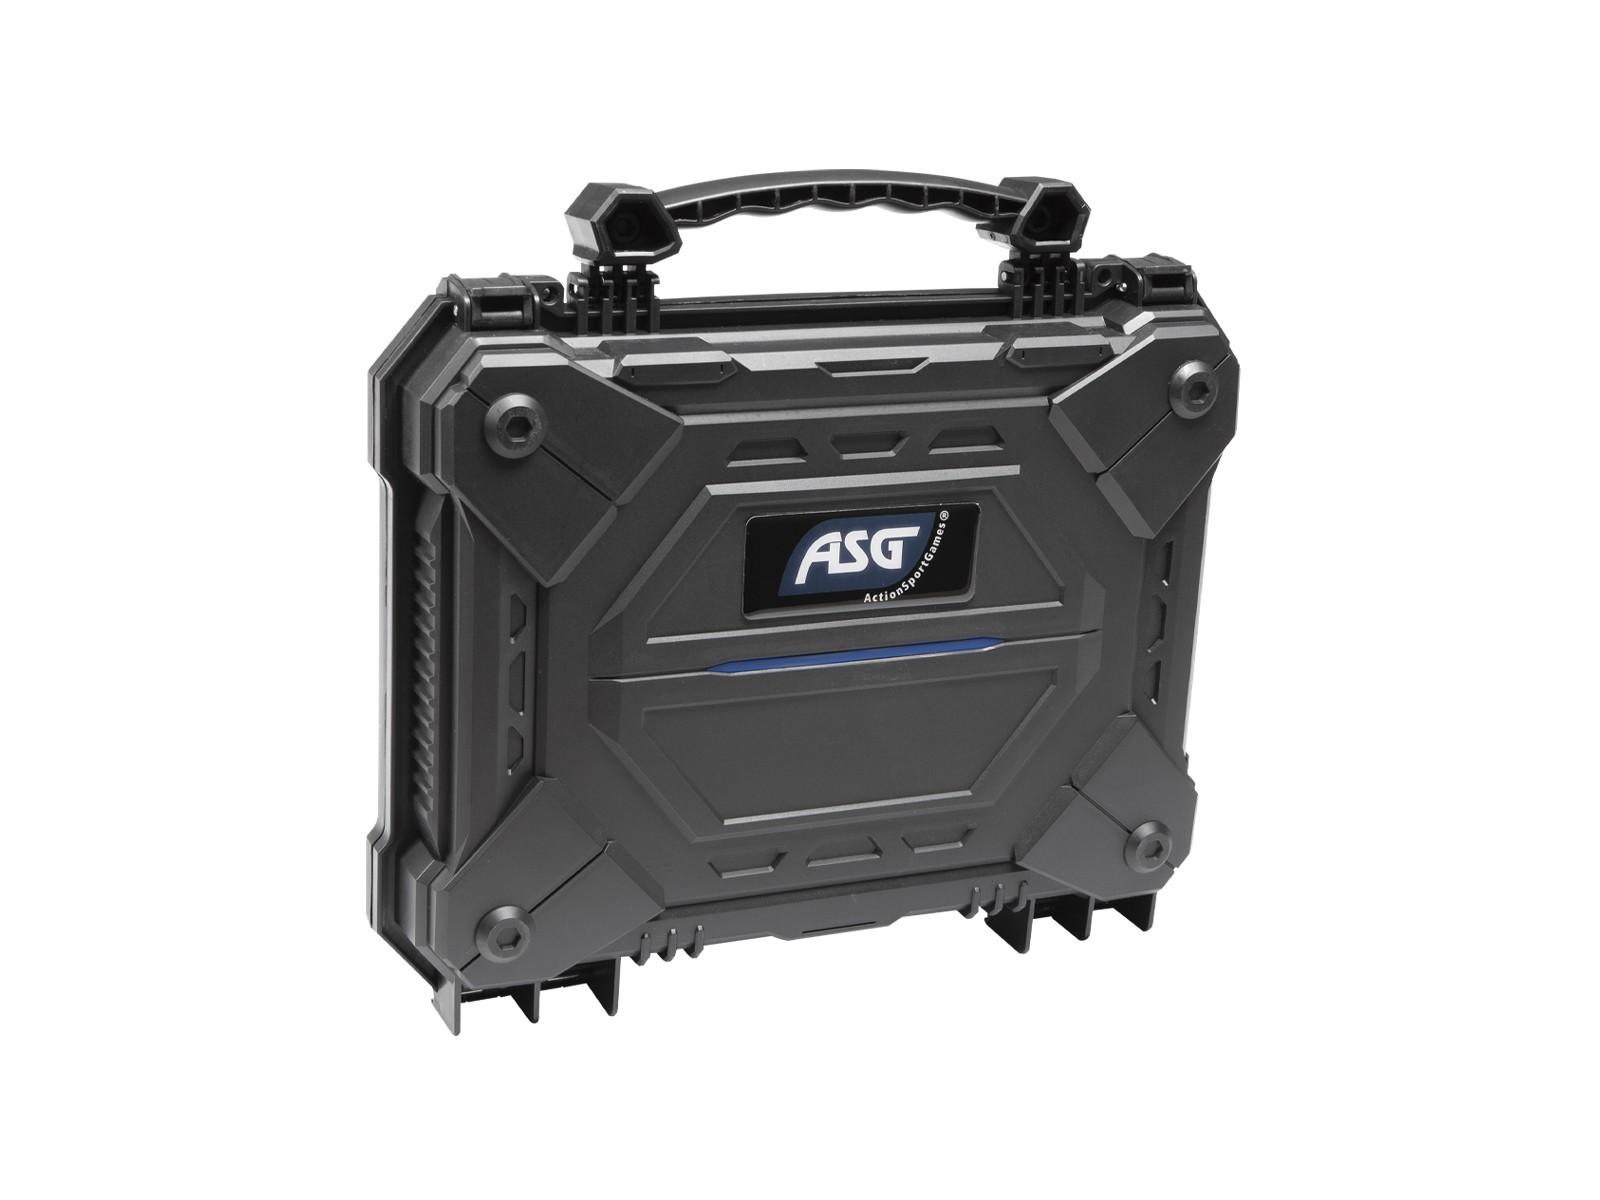 ASG - Malette de transport étanche mousse prédécoupée 6X21X29 - Noire - ABS